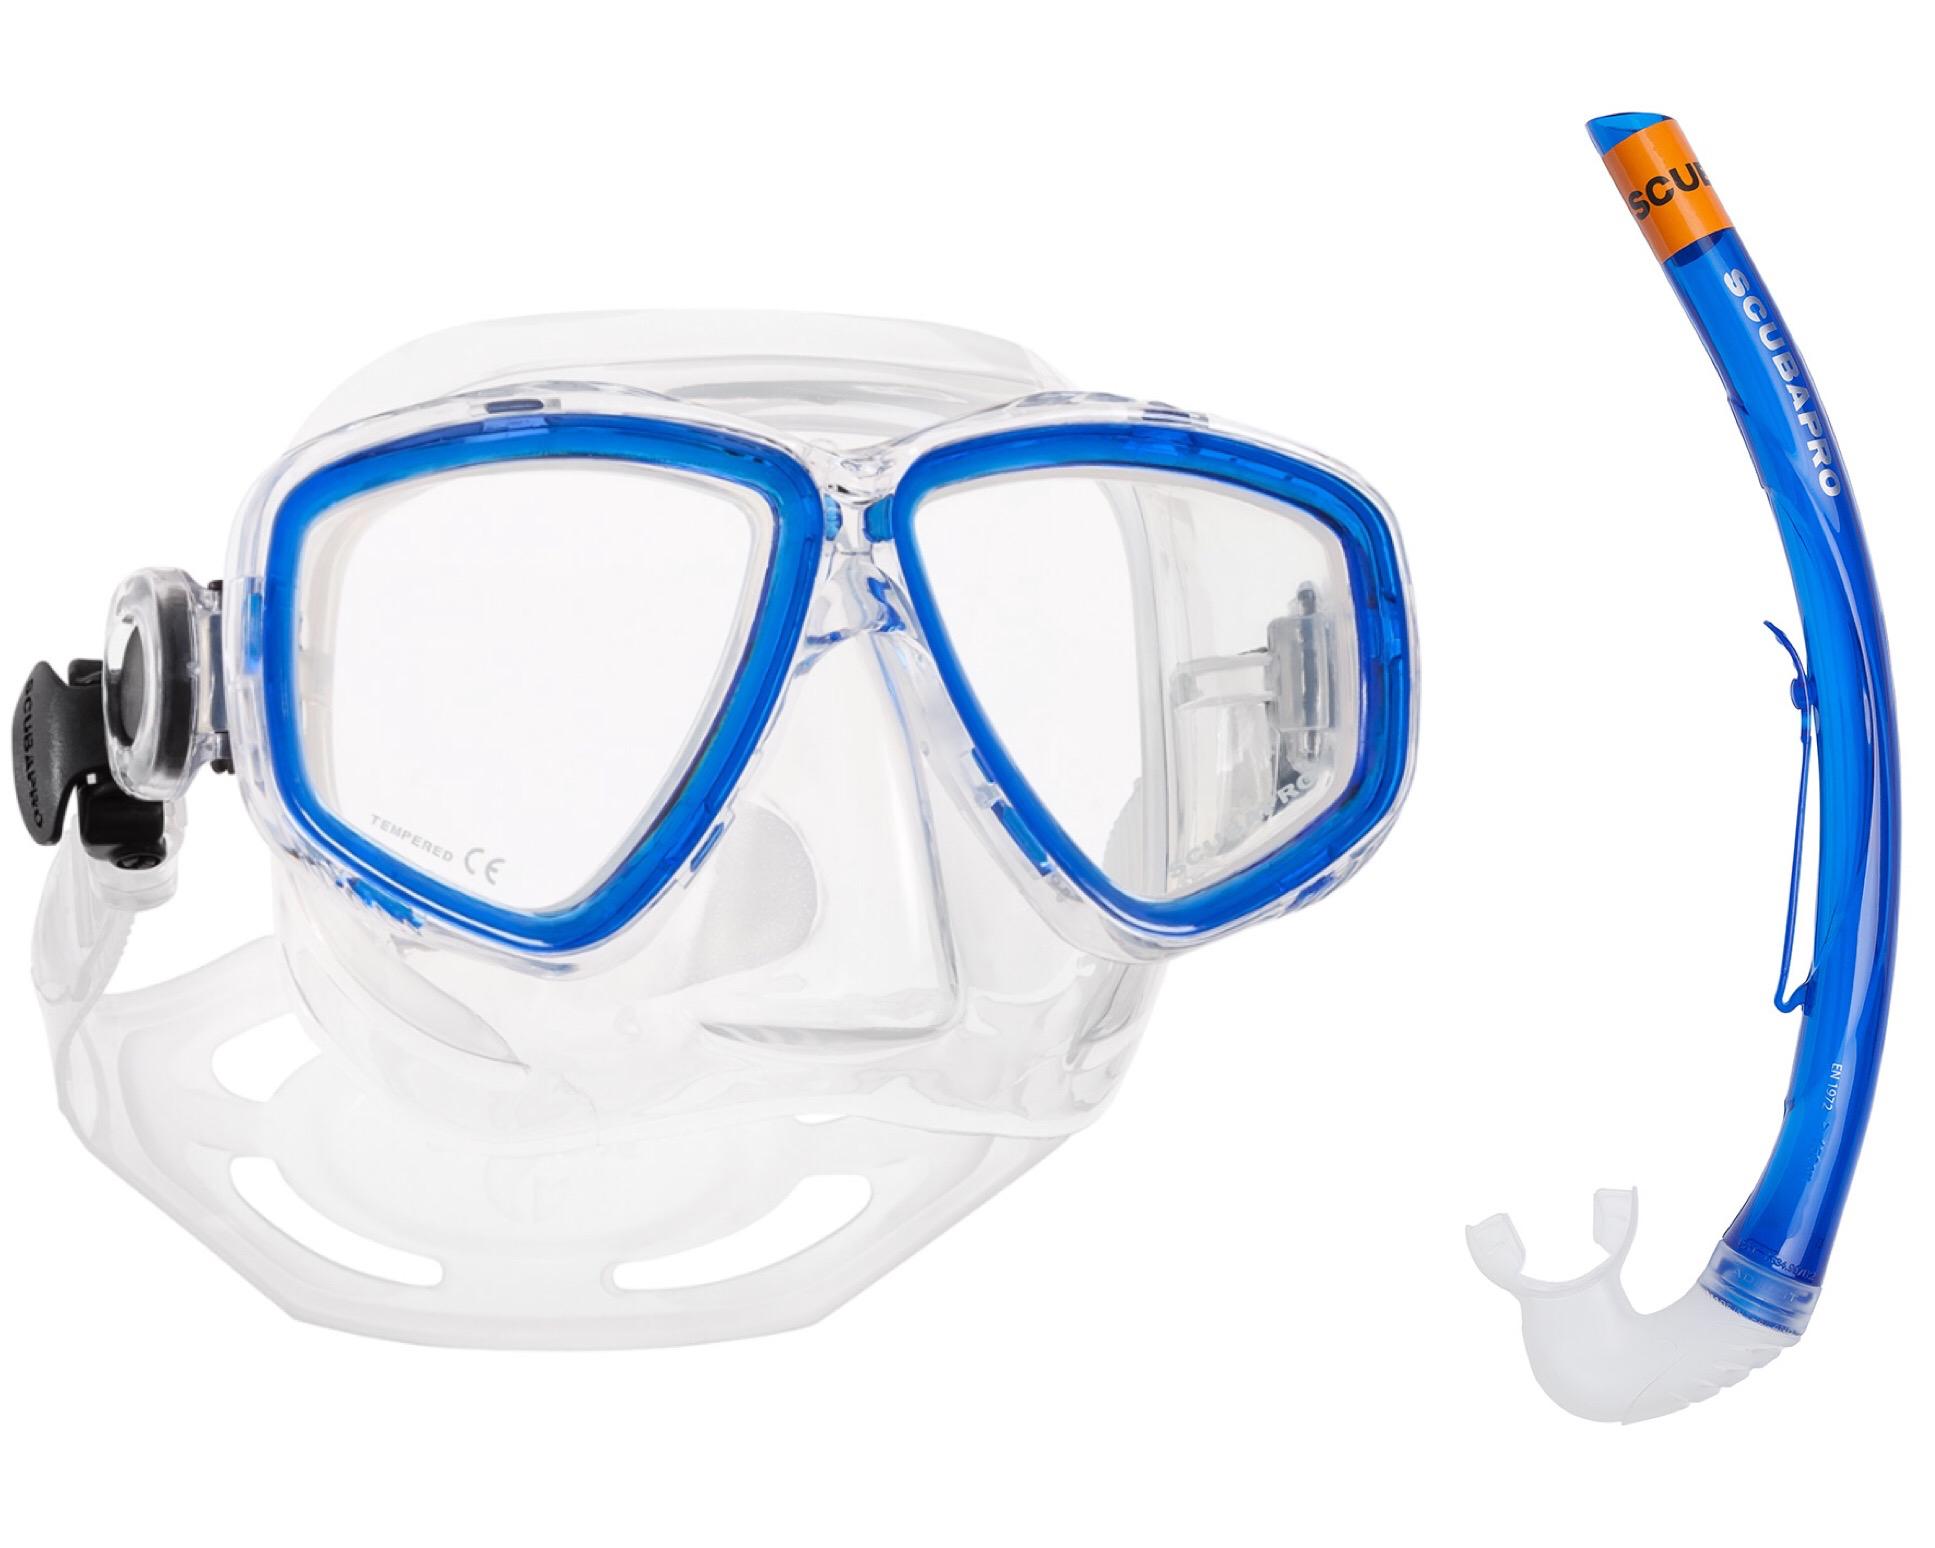 Scubapro blå mask med blå snorkel i set